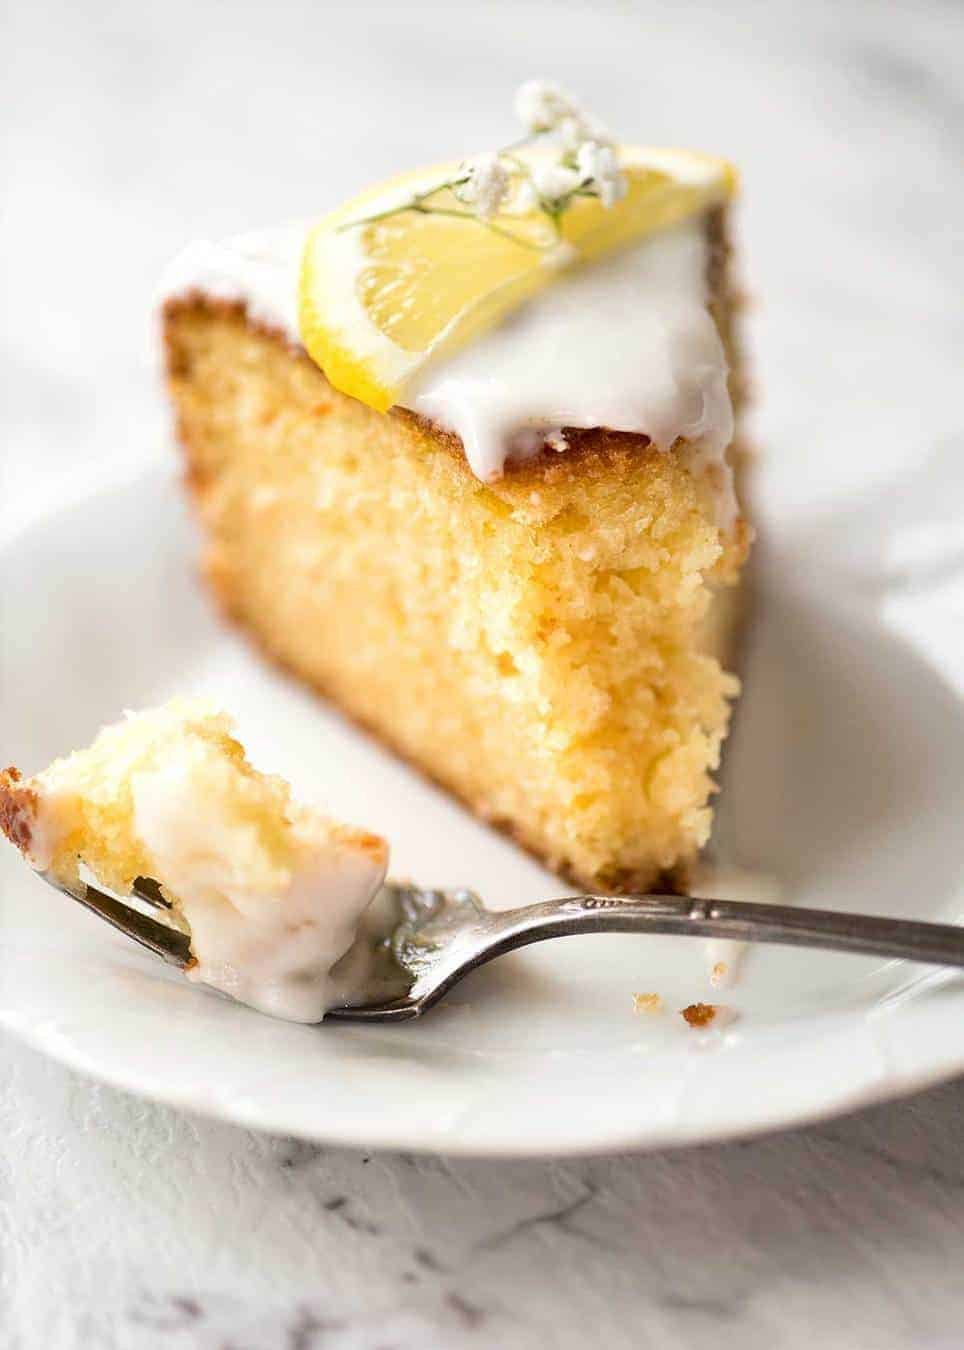 Piece of Lemon Yoghurt Cake with Lemon Glaze on a white plate.